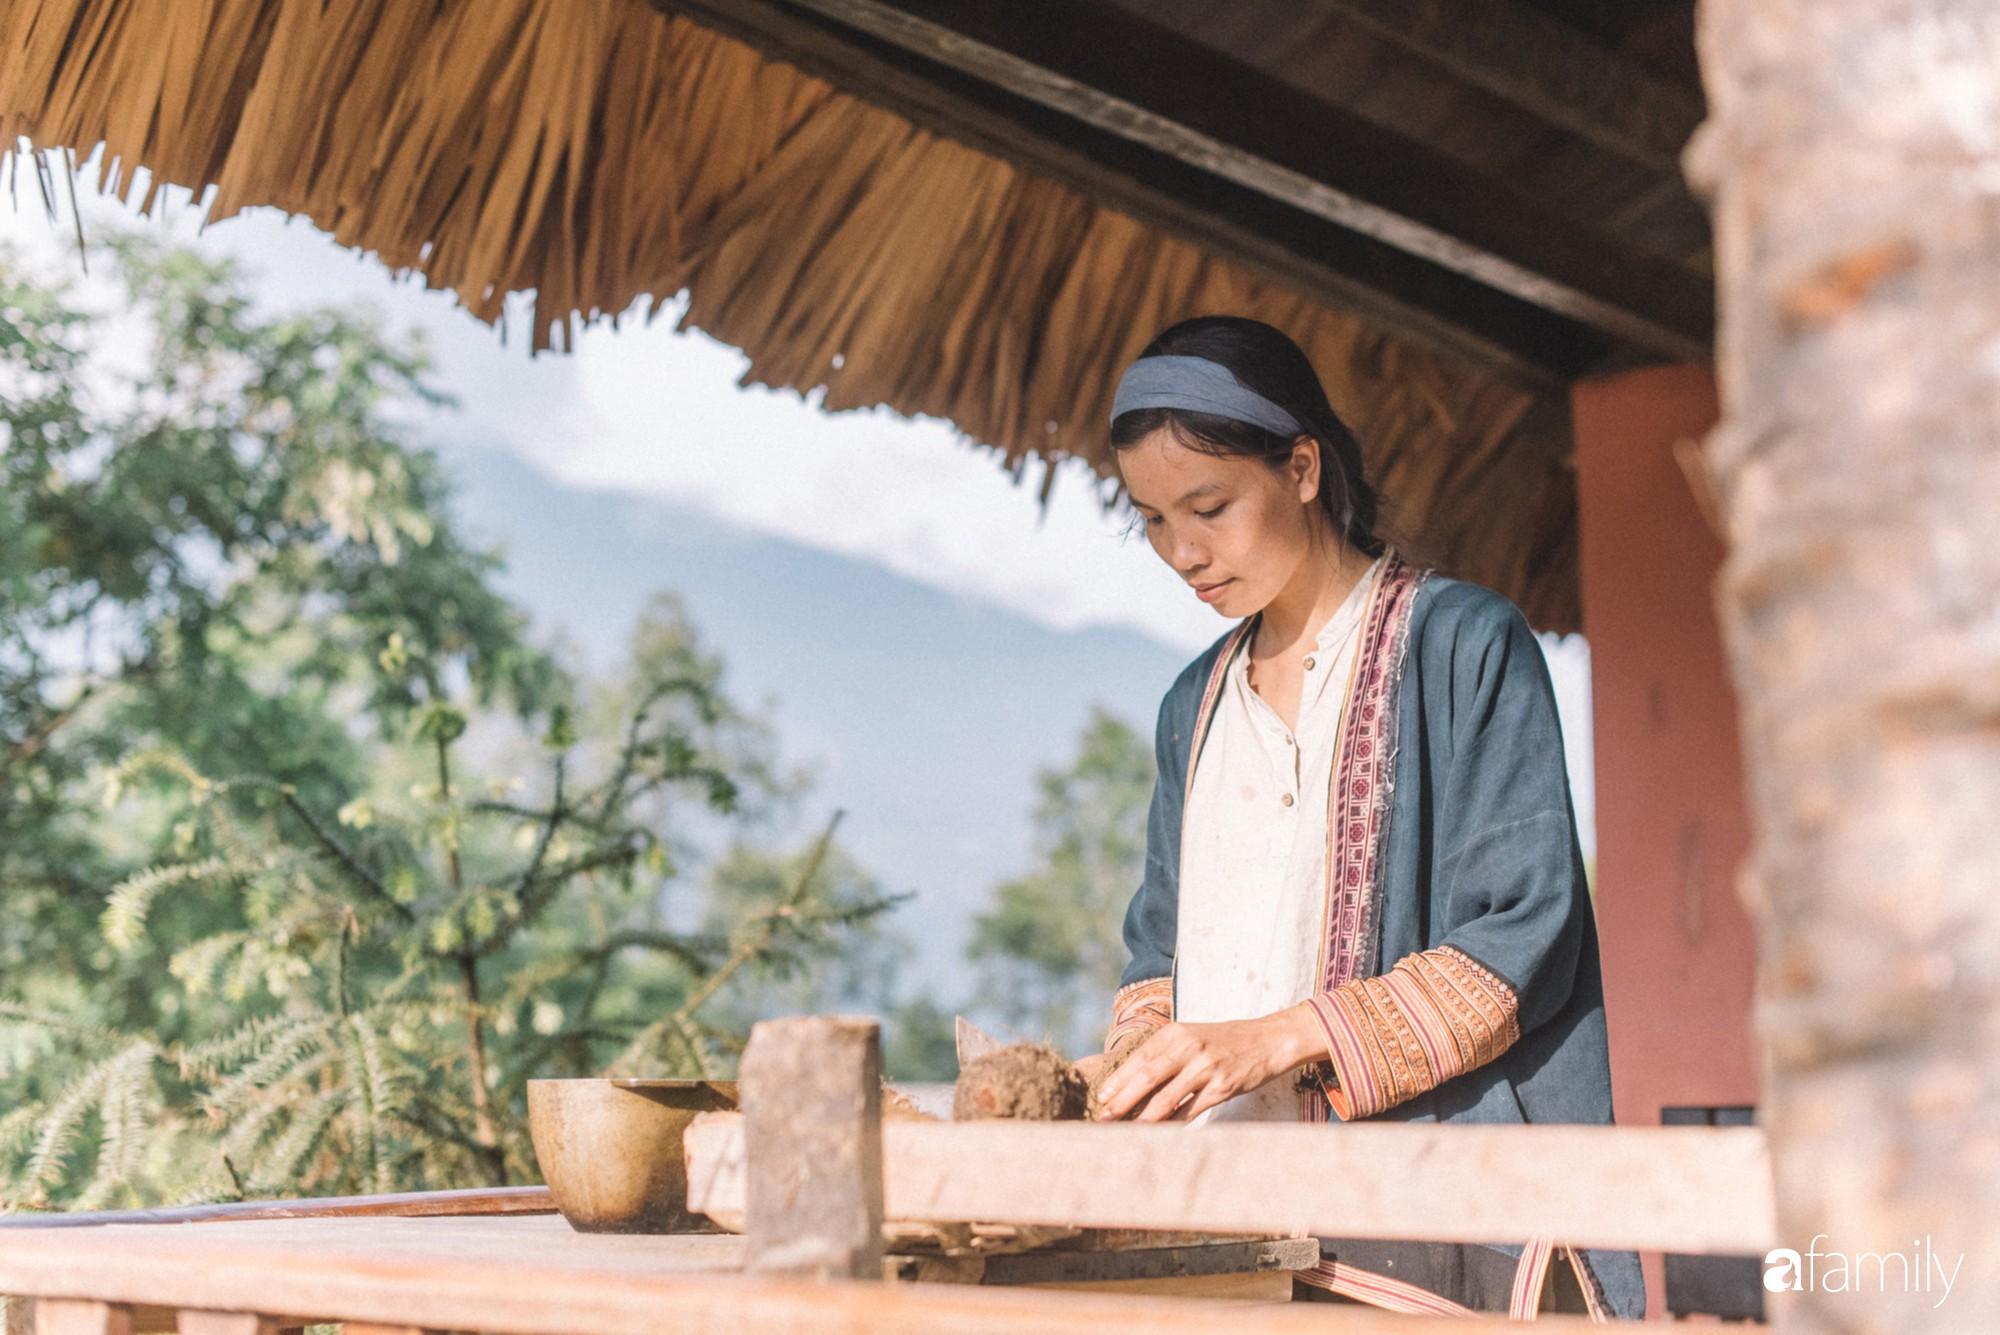 Cô designer bỏ Hà Nội lên rừng ẩn cư, ăn chay, lưu giữ thanh xuân rực rỡ qua những clip mỹ thực vạn người mê - Ảnh 8.